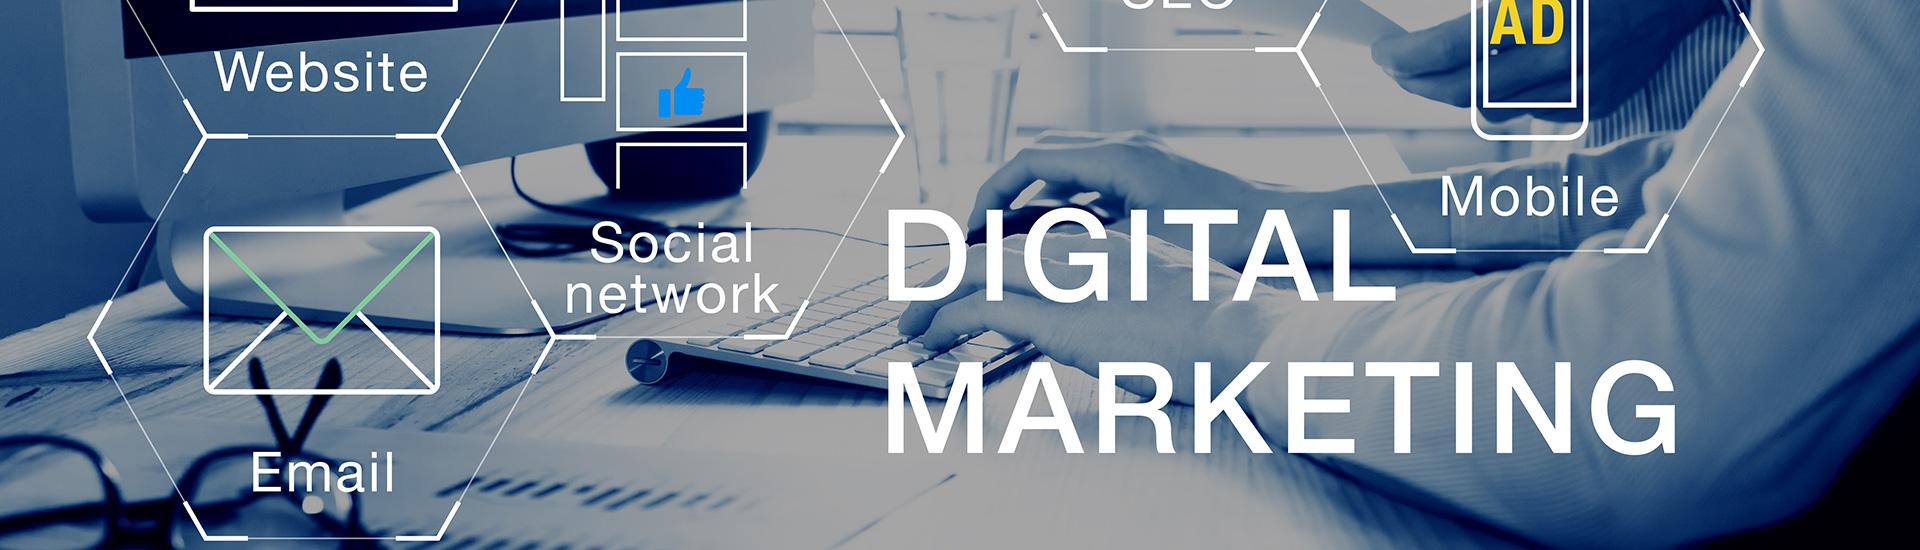 digital marketing social network